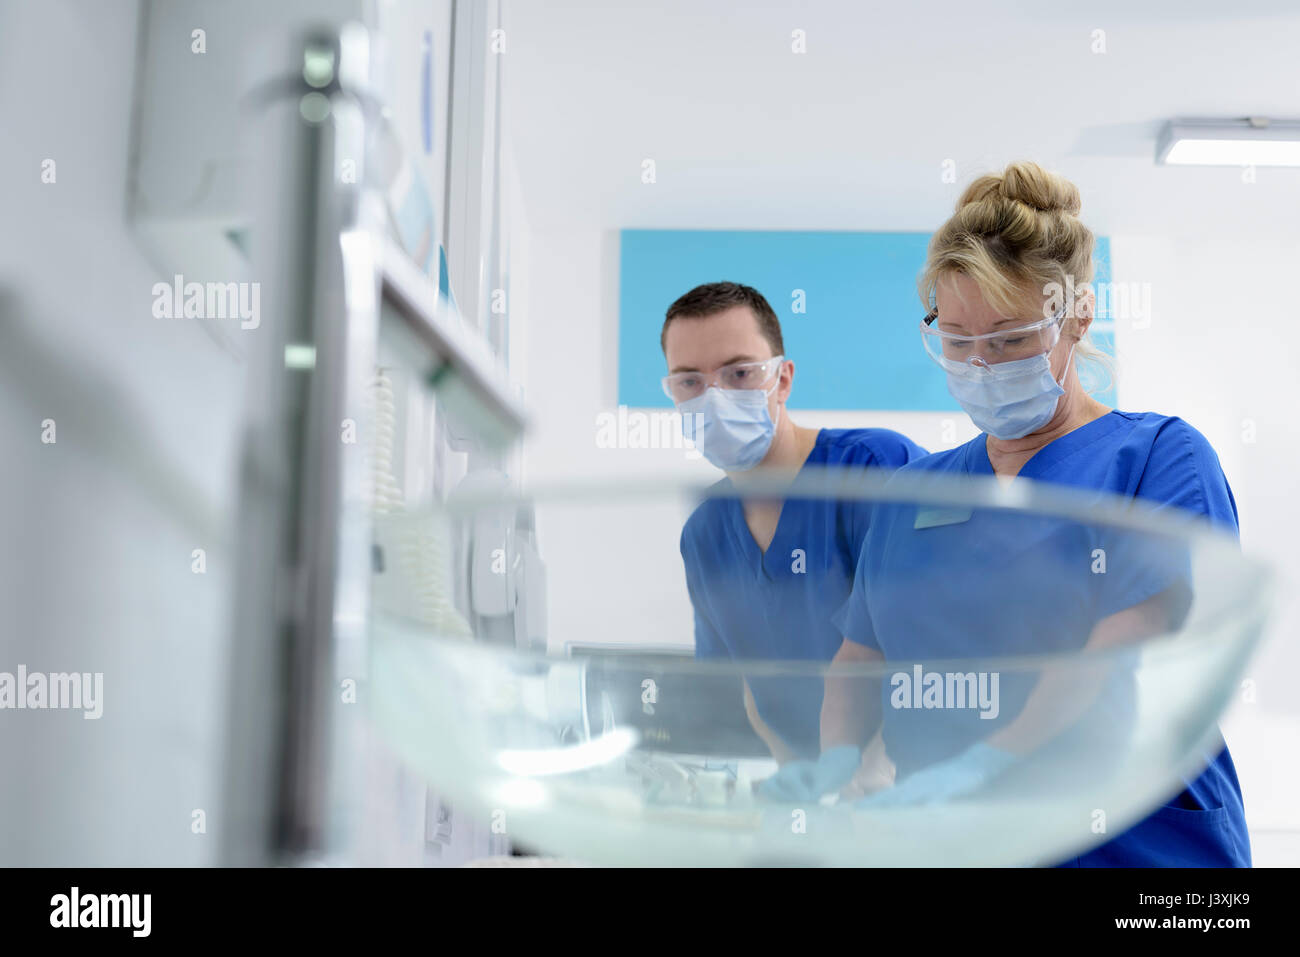 Odontólogo y enfermera auxiliar en cirugía dental Imagen De Stock